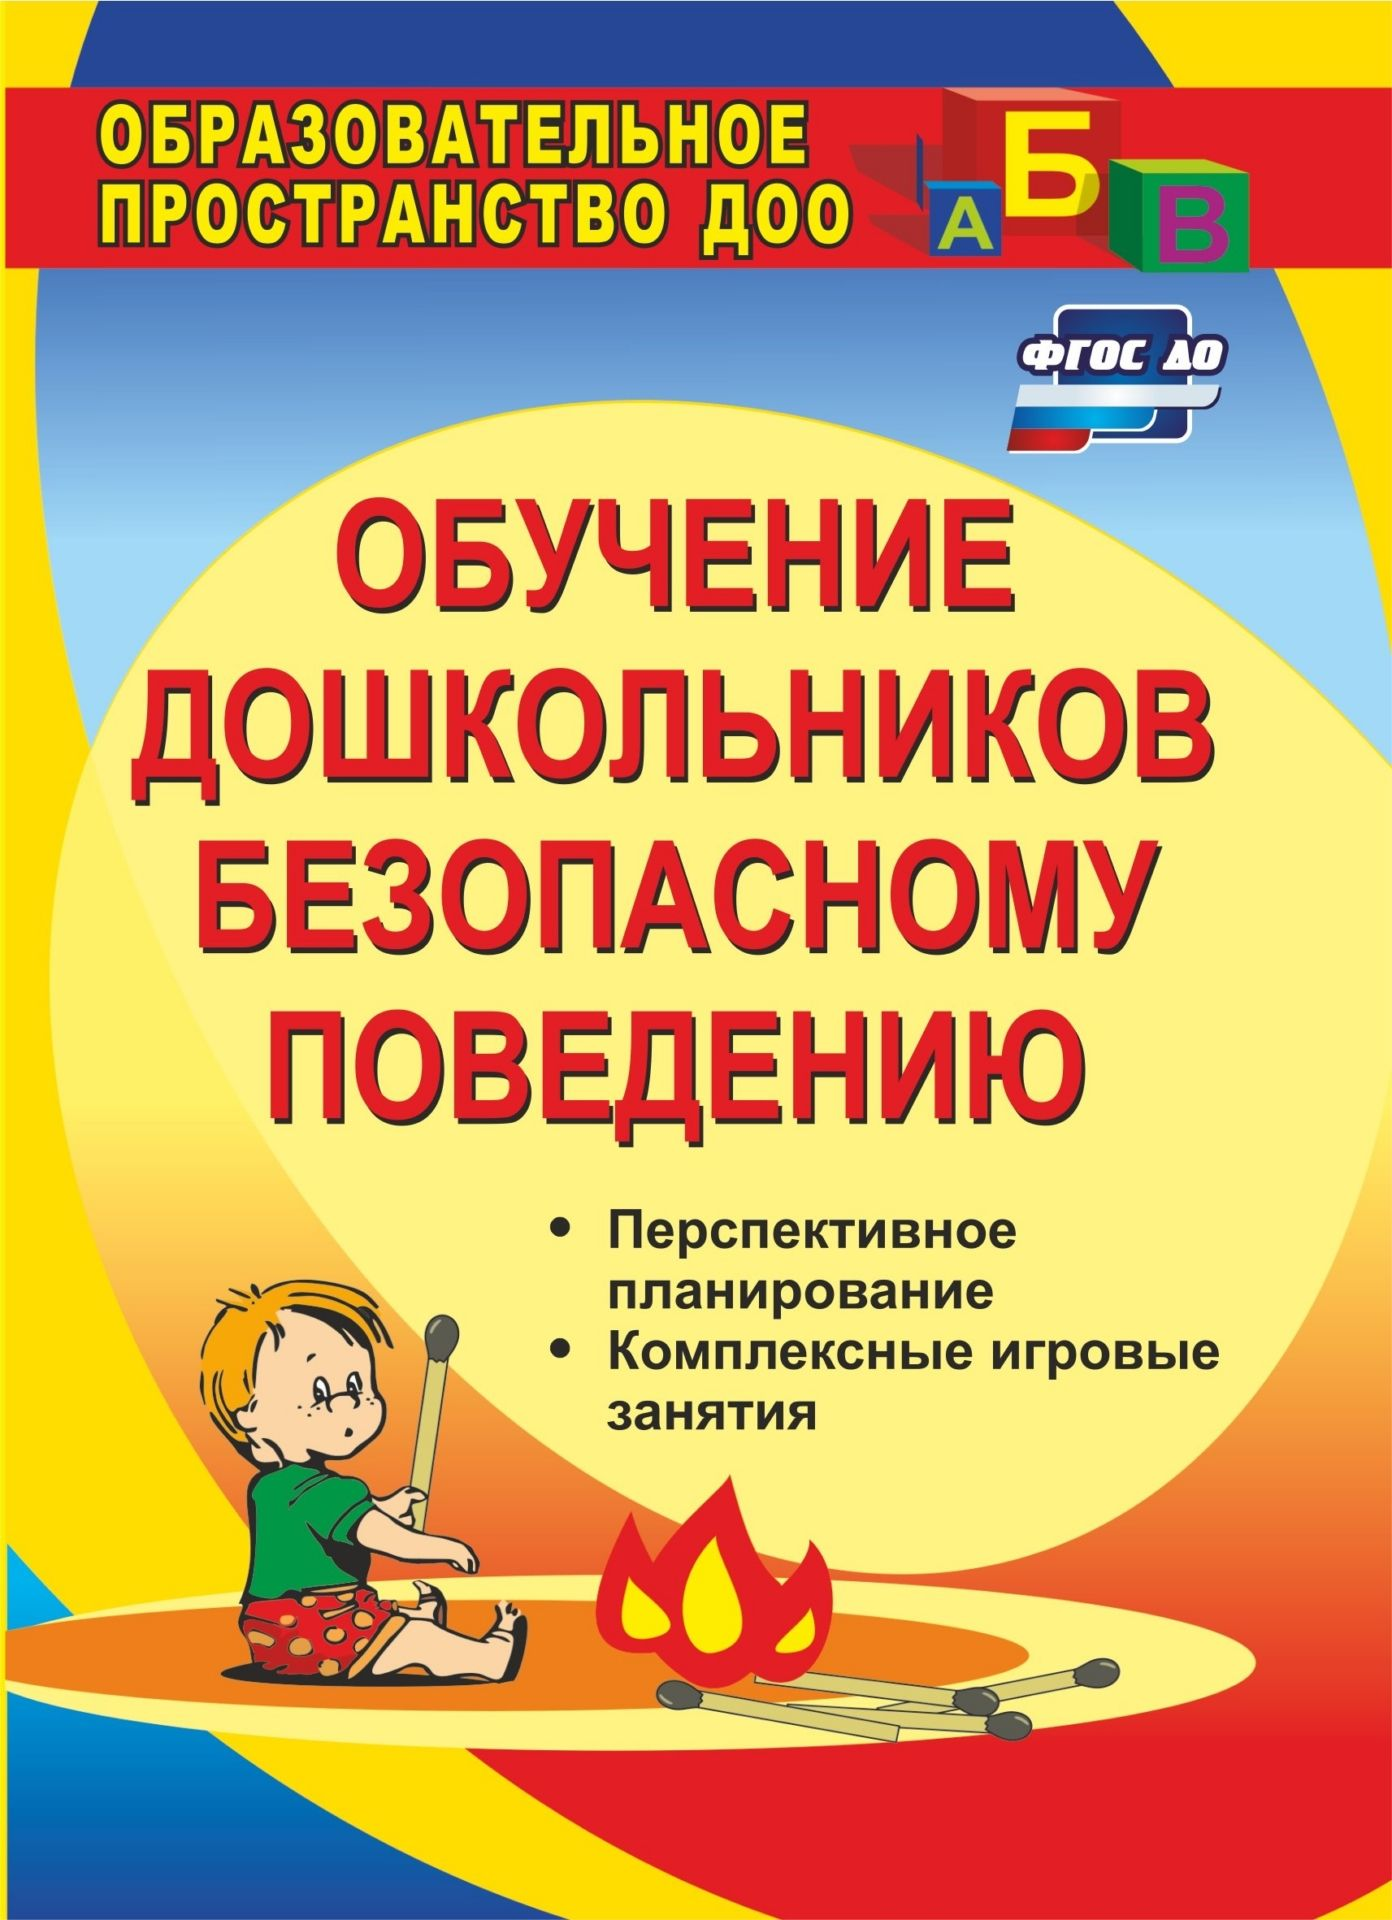 Обучение дошкольников безопасному поведению: перспективное планирование, комплексные игровые занятияОбразовательное пространство ДОО<br>Дети могут оказаться в неожиданно опасной для жизни и здоровья ситуации на улице и дома, и от того, как они отреагируют на нее, будет зависеть их физическое и психическое состояние. Основная задача воспитывающих взрослых, которую ставит ФГОС ДО, обеспечен...<br><br>Авторы: Чермашенцева О. В.<br>Год: 2018<br>Серия: Образовательное пространство ДОО<br>ISBN: 978-5-7057-1556-5, 978-5-7057-4825-9<br>Высота: 200<br>Ширина: 140<br>Толщина: 10<br>Переплёт: мягкая, склейка